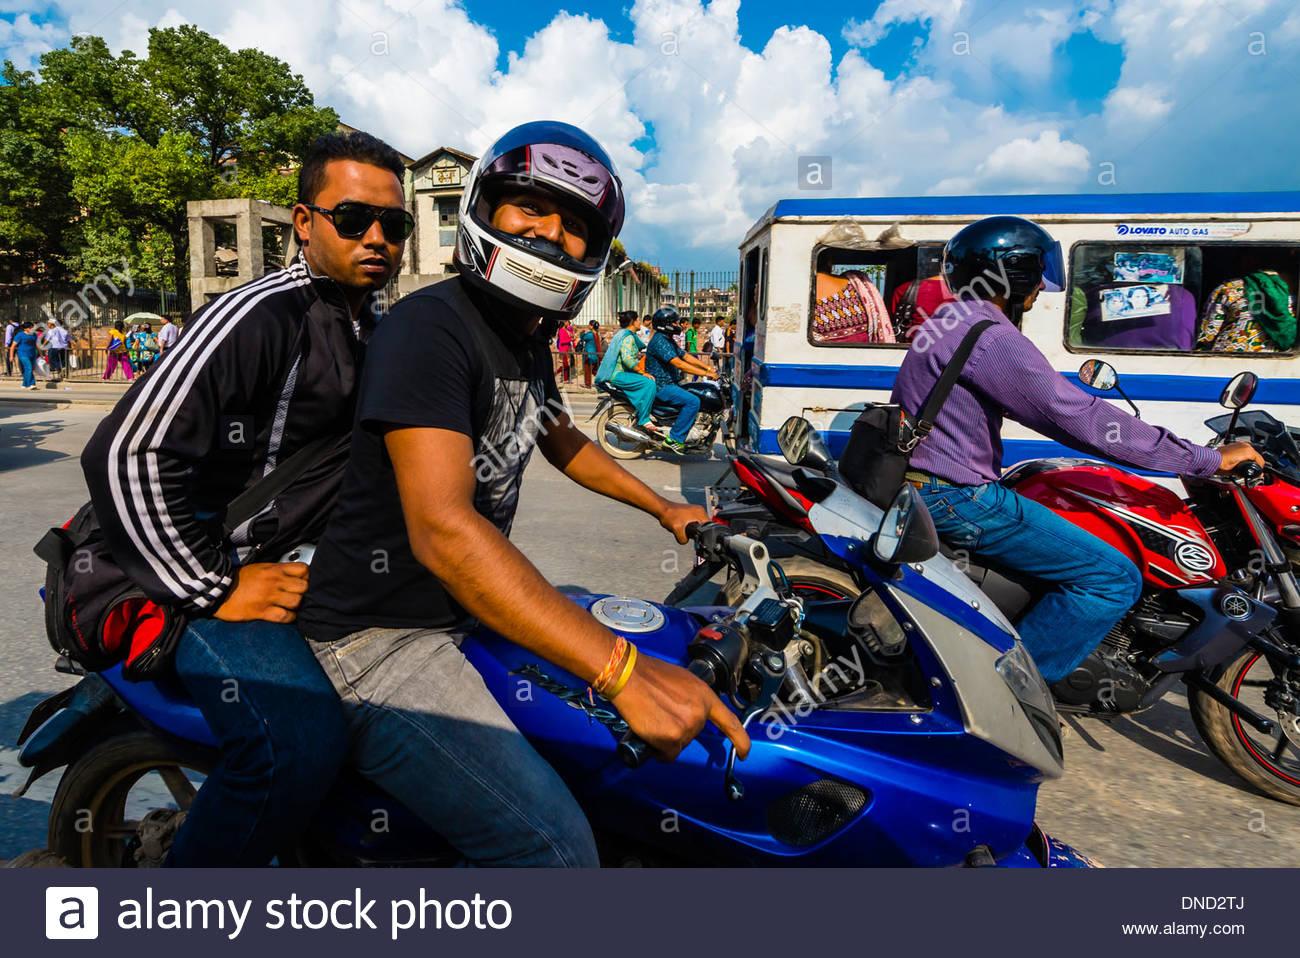 Two-wheeled traffic, Kathmandu, Nepal. - Stock Image